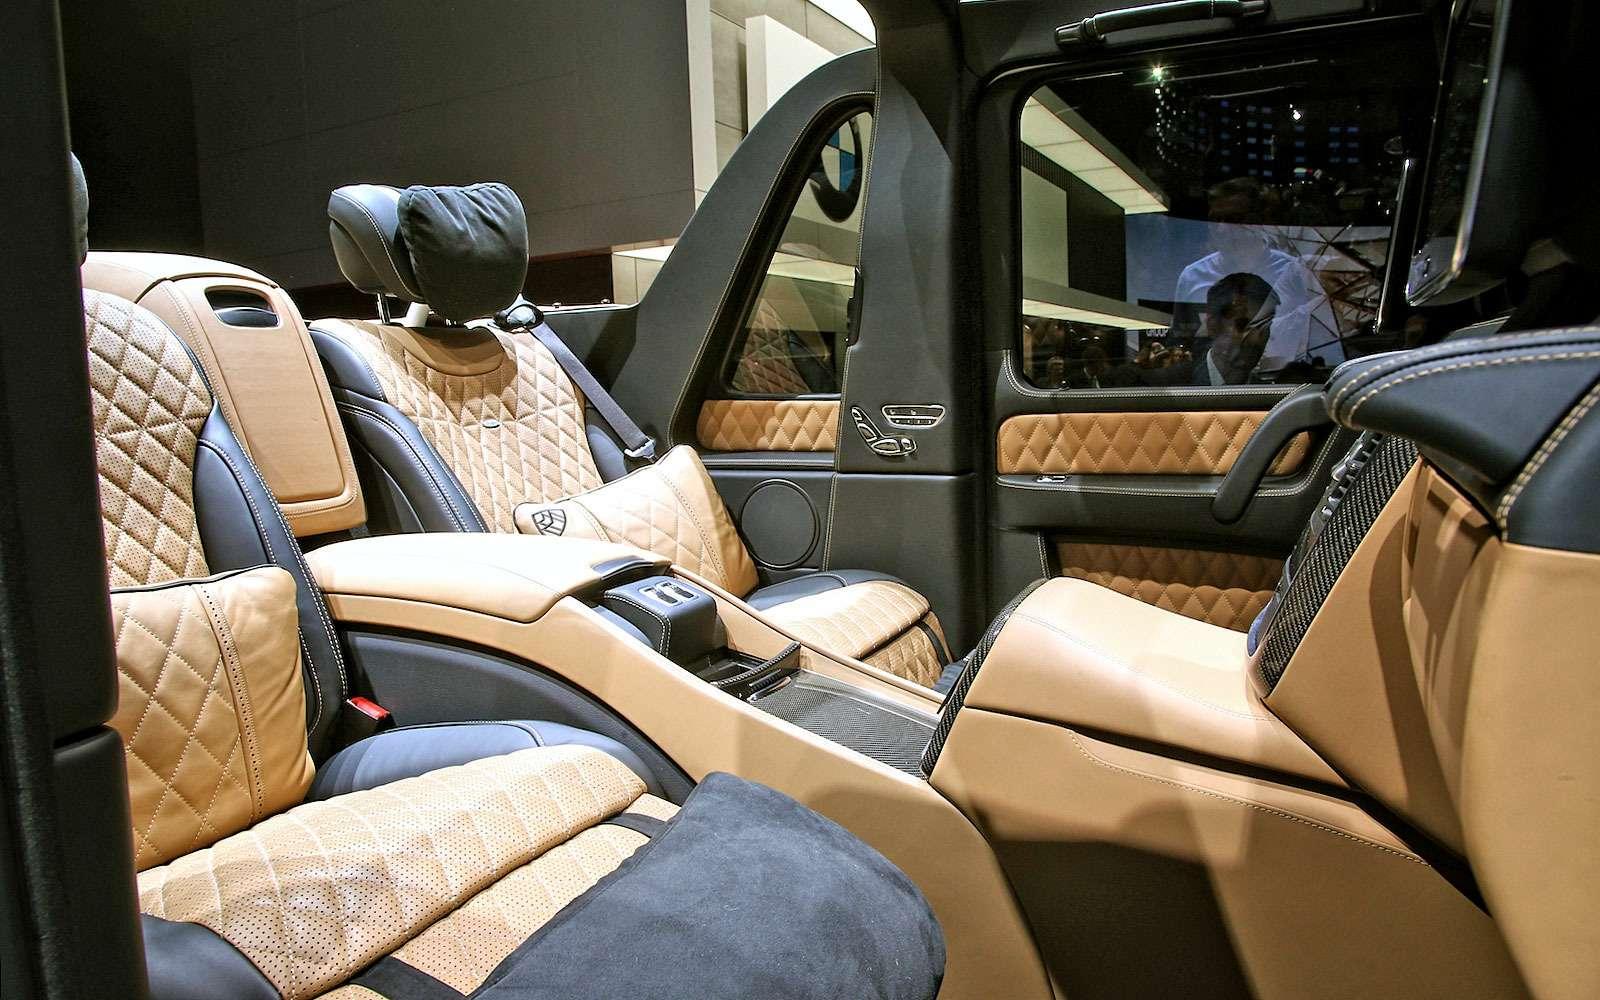 Задавить массой: Mercedes-Maybach G650 Landaulet возвысился надтолпой— фото 718952